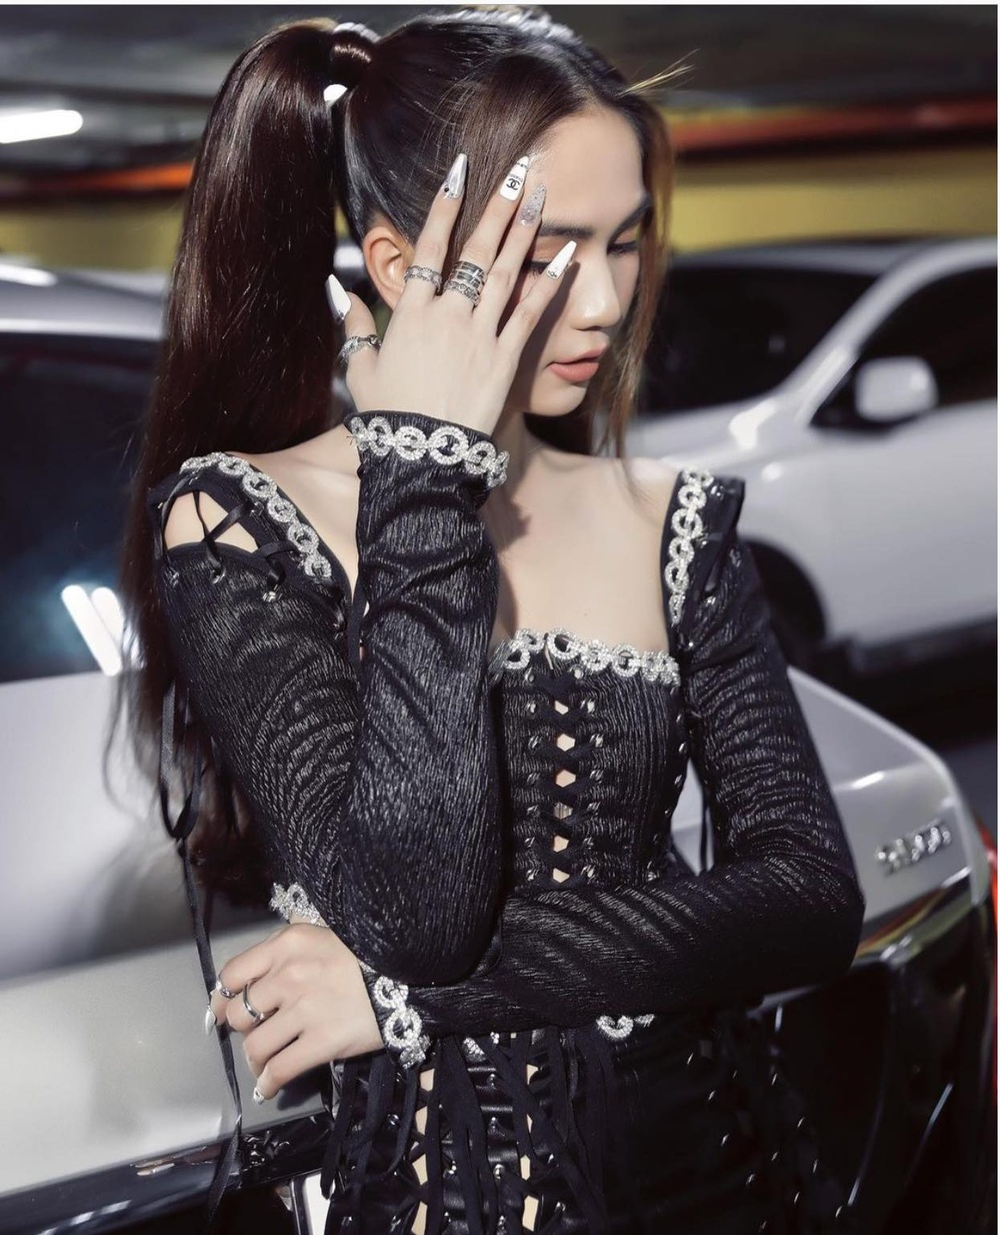 Ngọc Trinh lại khiến fan 'no mắt' với váy đen đan dây hở trên ngắn dưới siêu nóng bỏng Ảnh 7